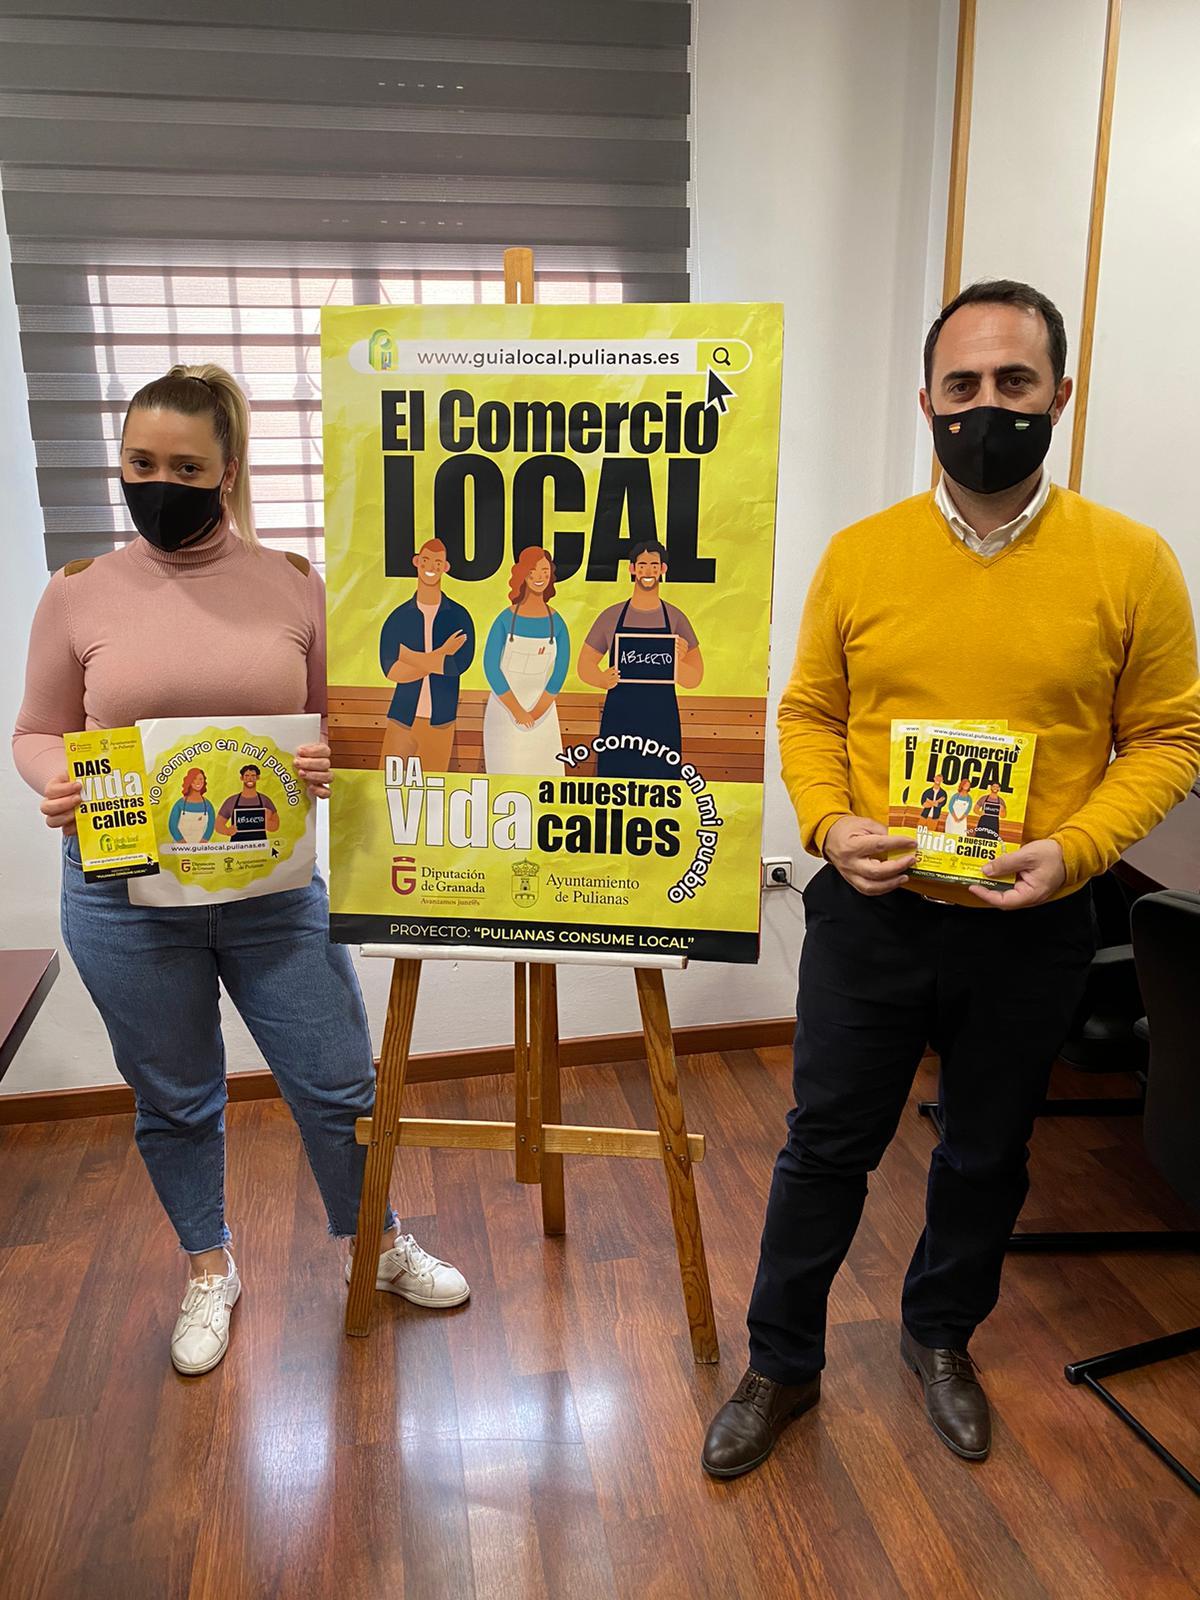 Pulianas inicia una campaña de apoyo al comercio local